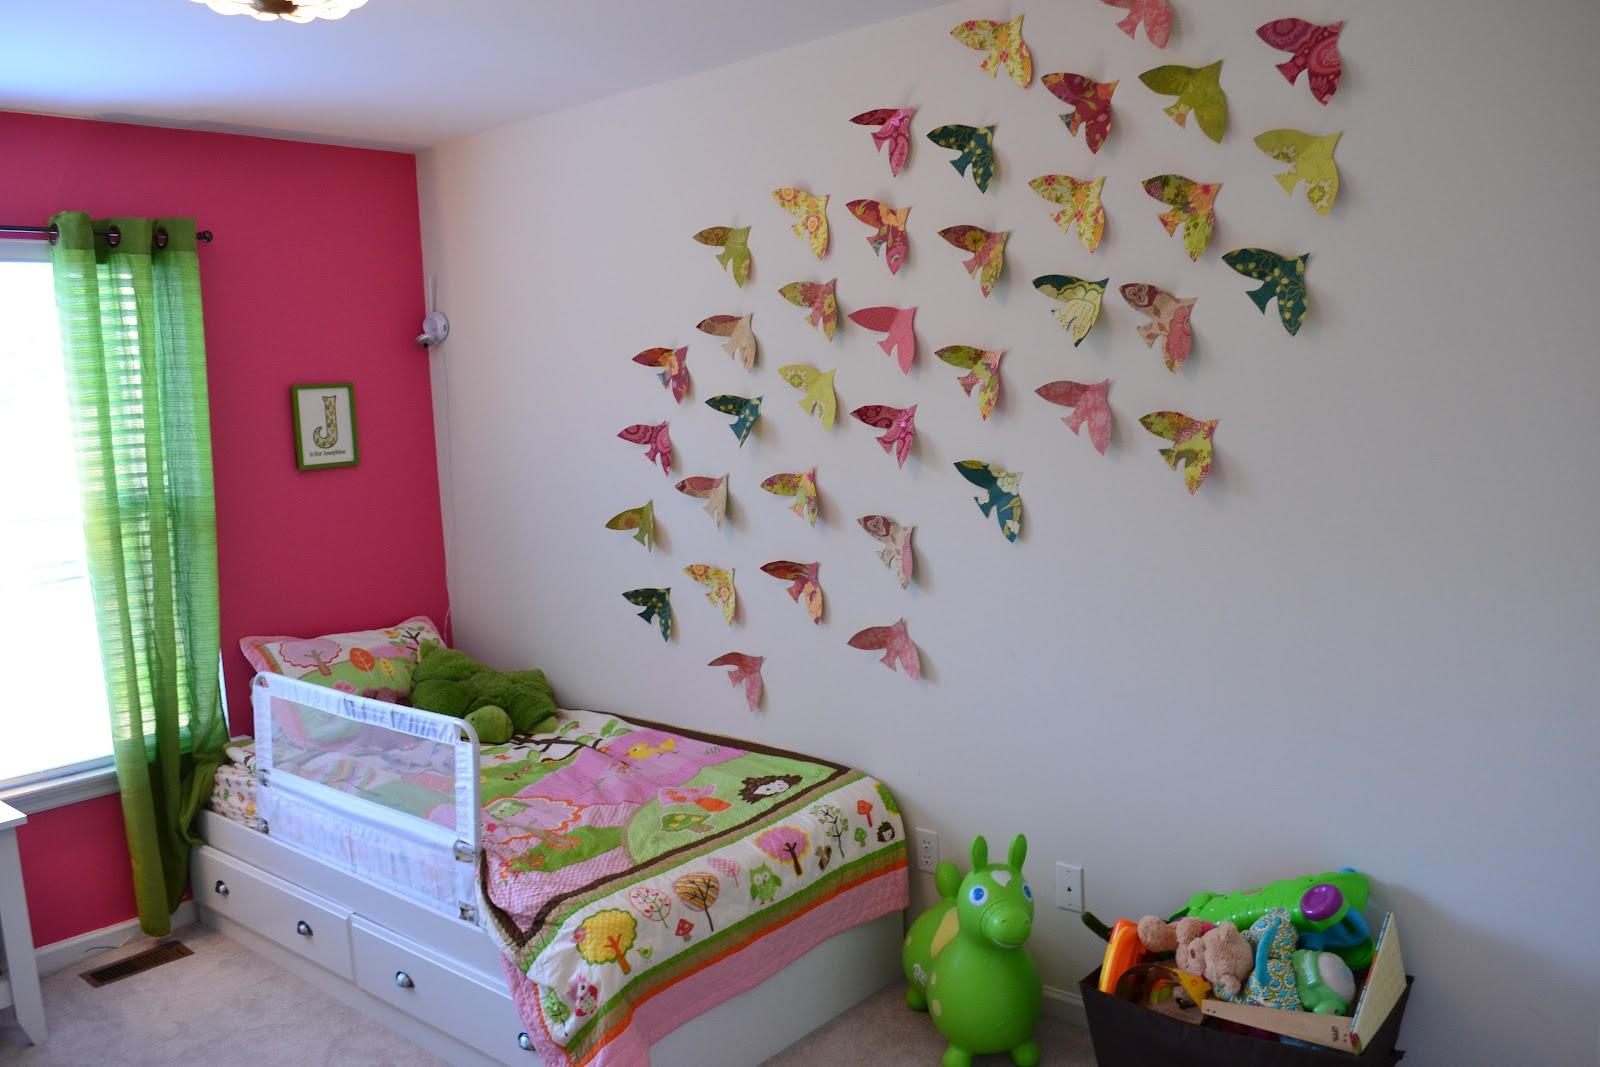 Как украсить детскую комнату своими руками 10 идей 54